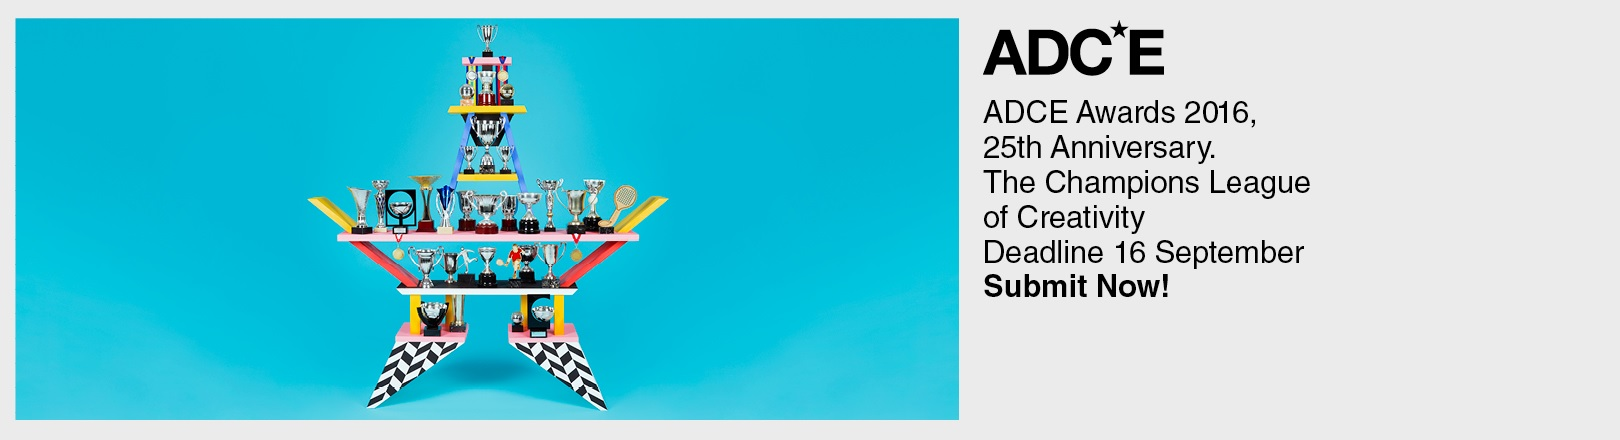 Prijave za 25. ADC*E nagrade so odprte!